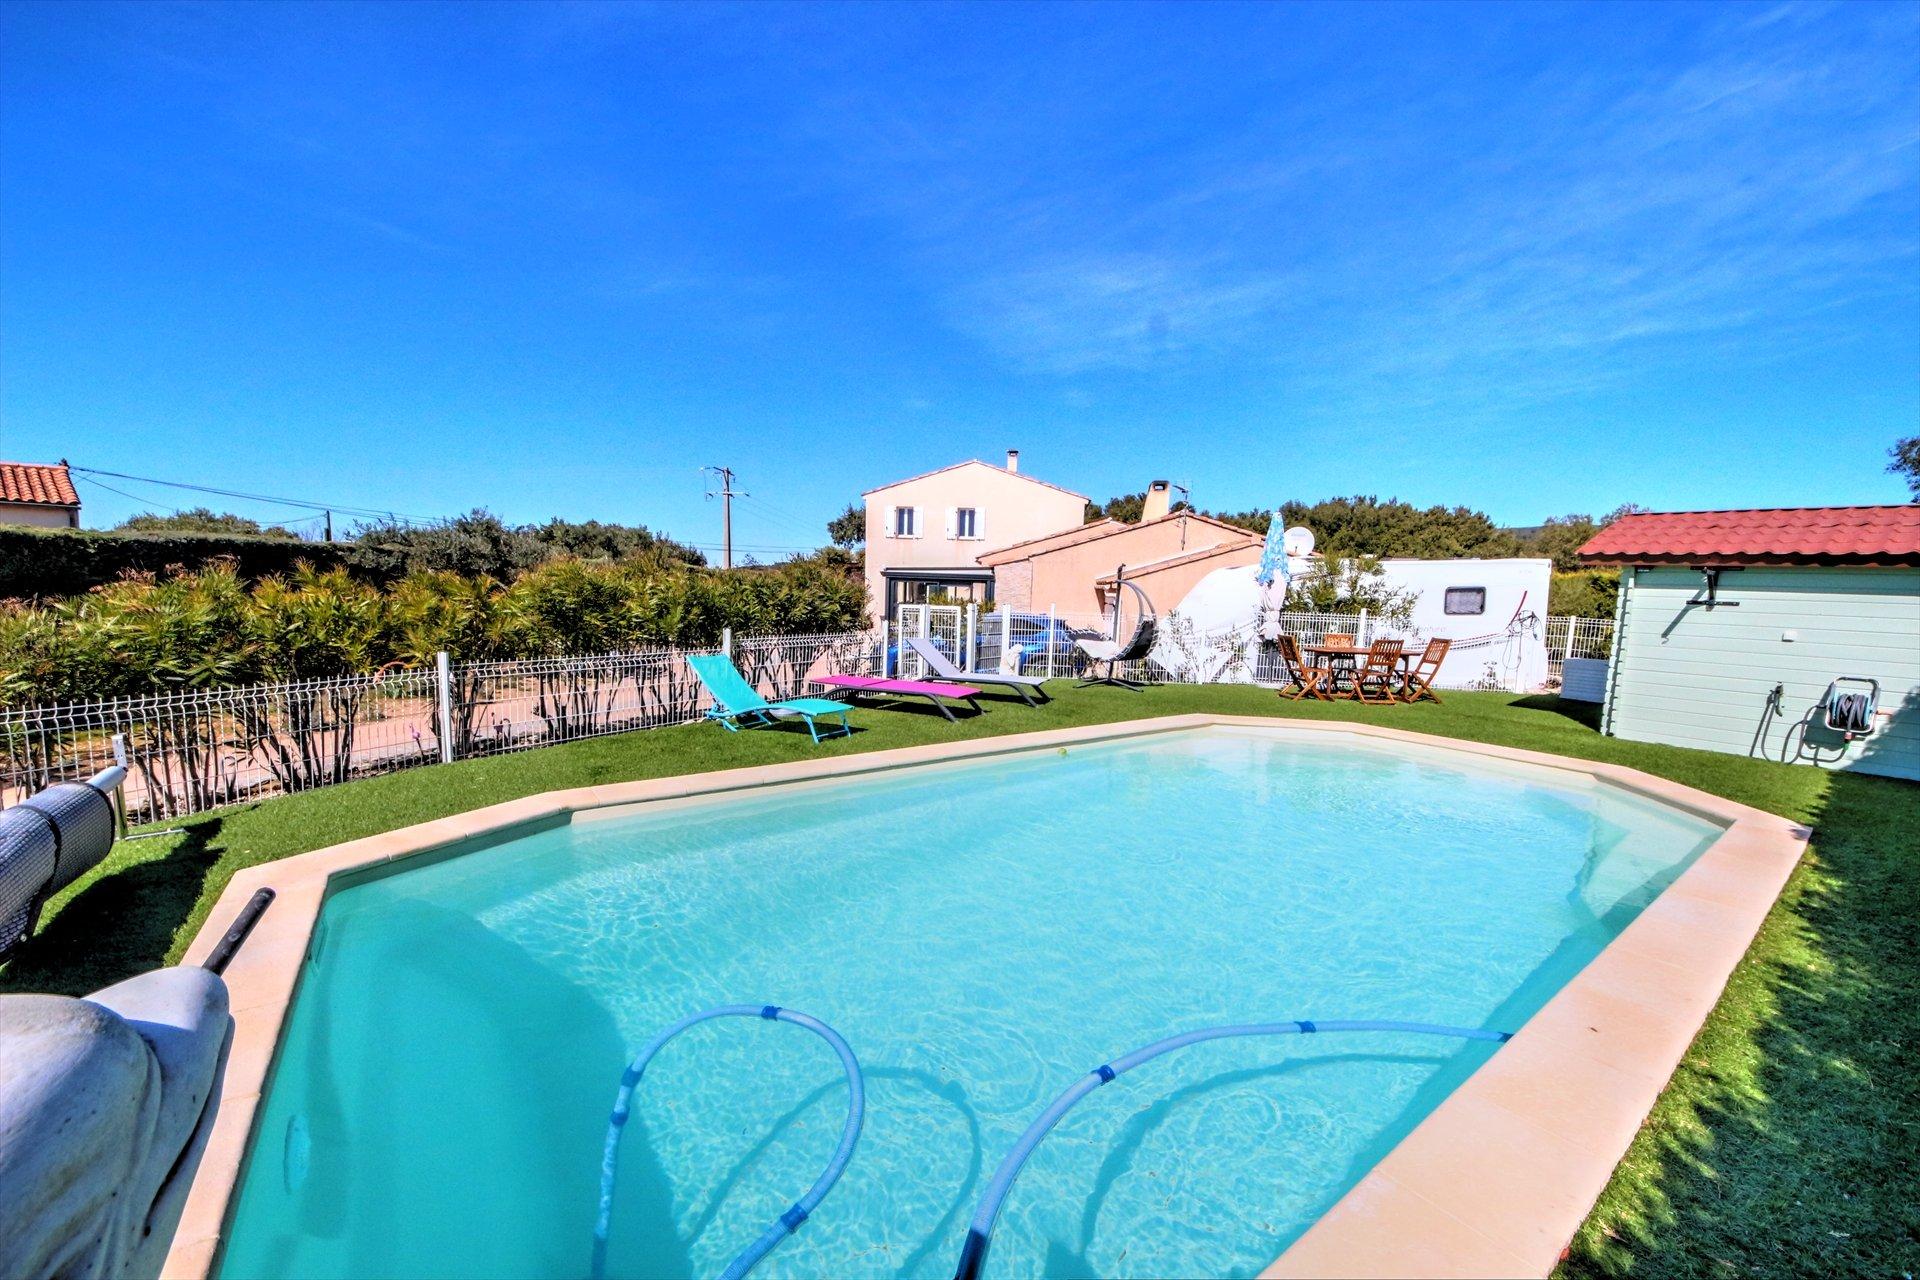 Belle piscine avec verdure campagne sur terrain avec 2 maisons indépendantes